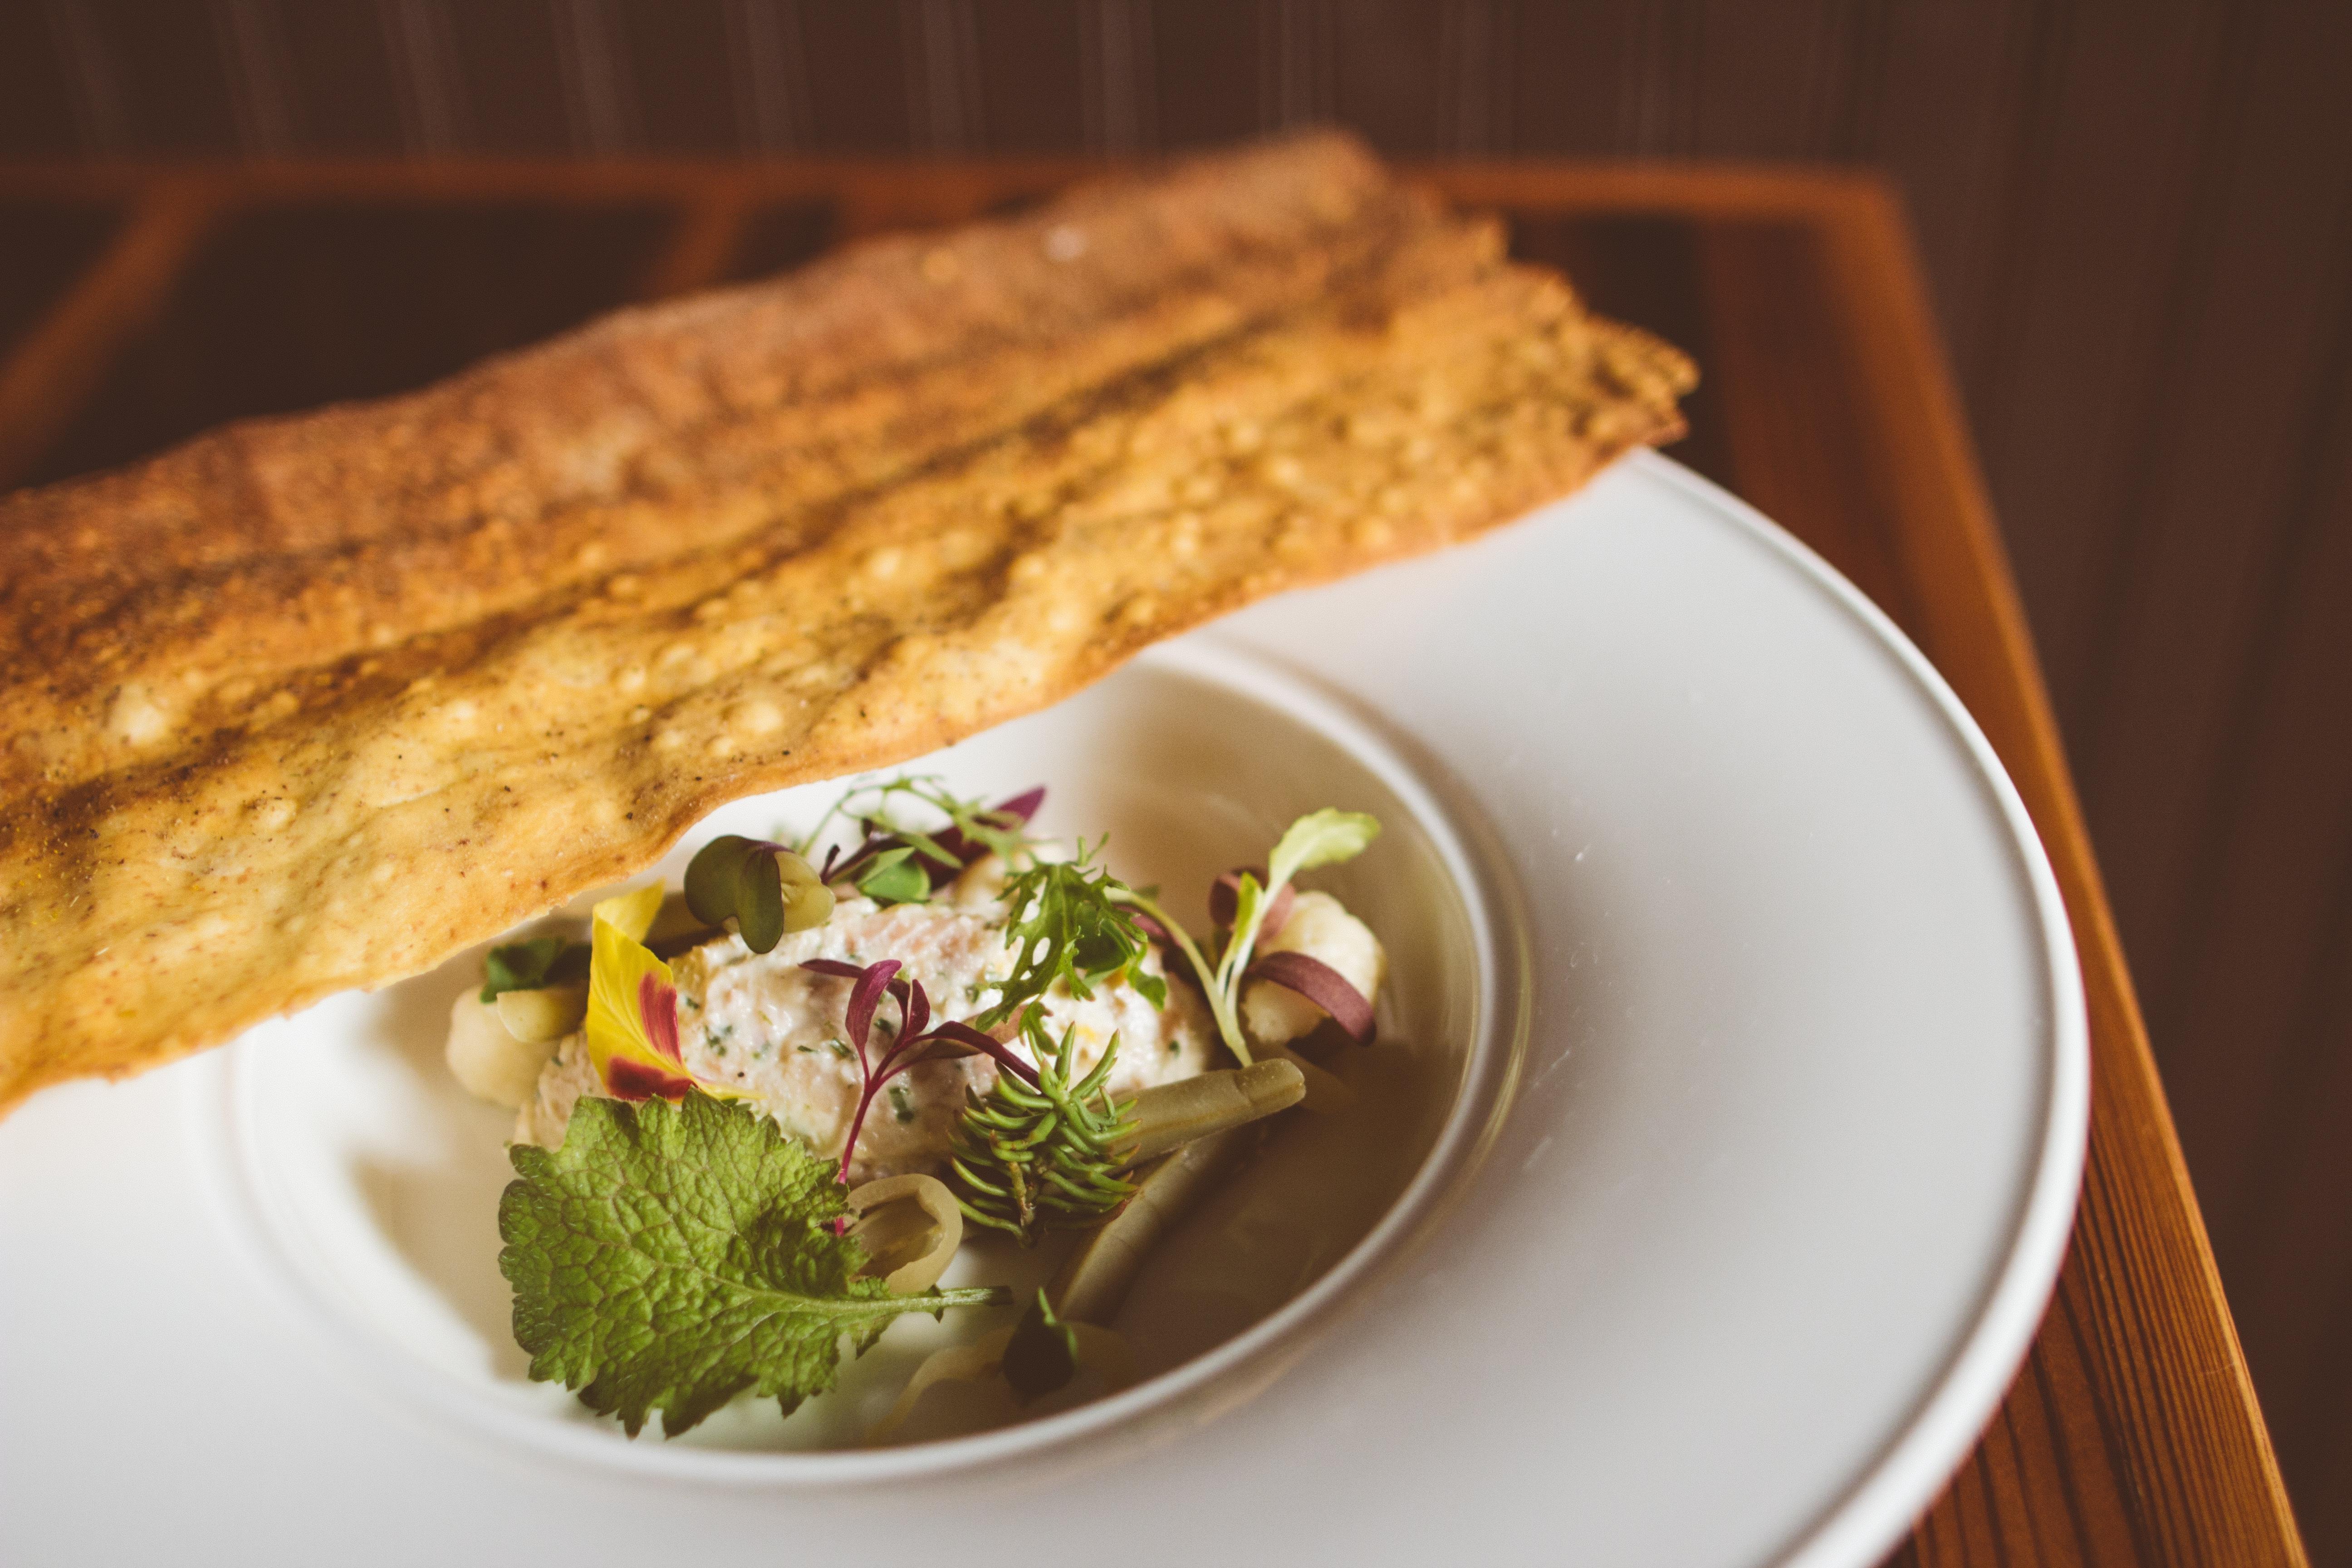 Kimball House - Smoked Trout Salad